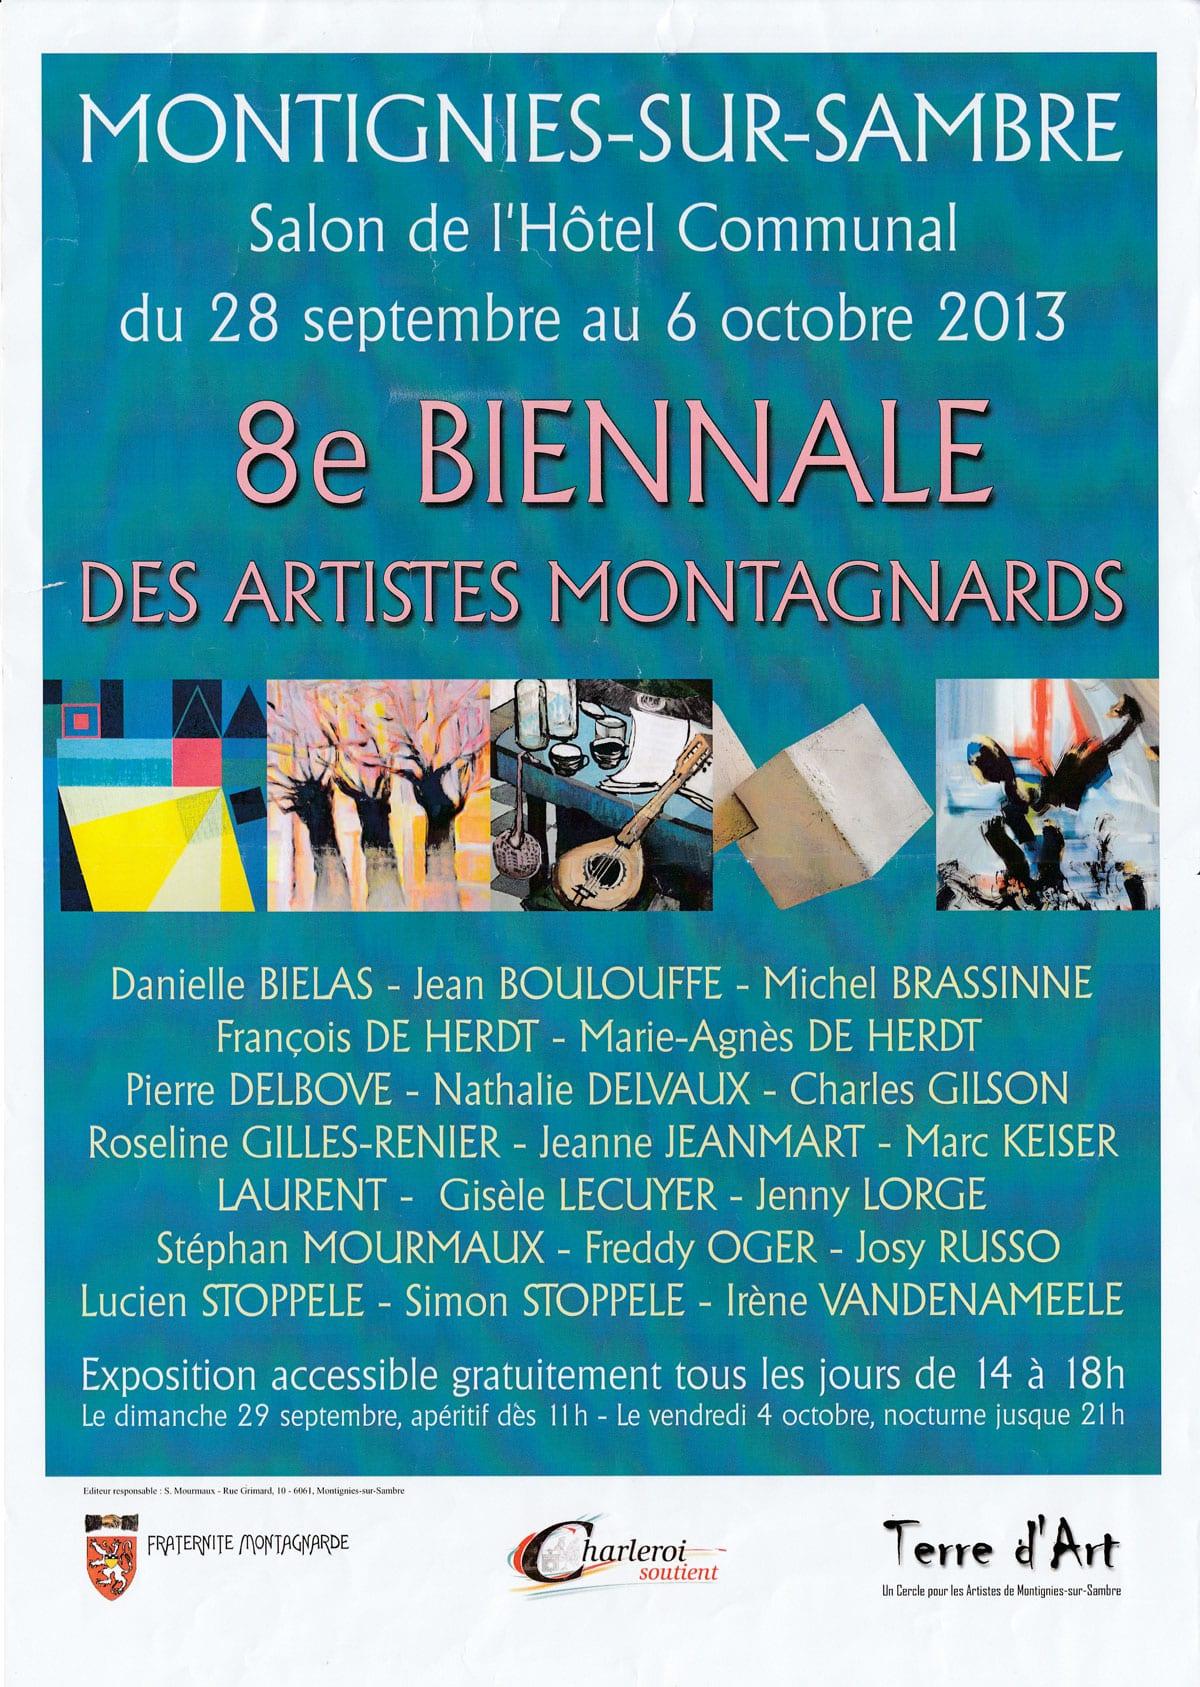 8ème Biennale des Artistes Montagnards